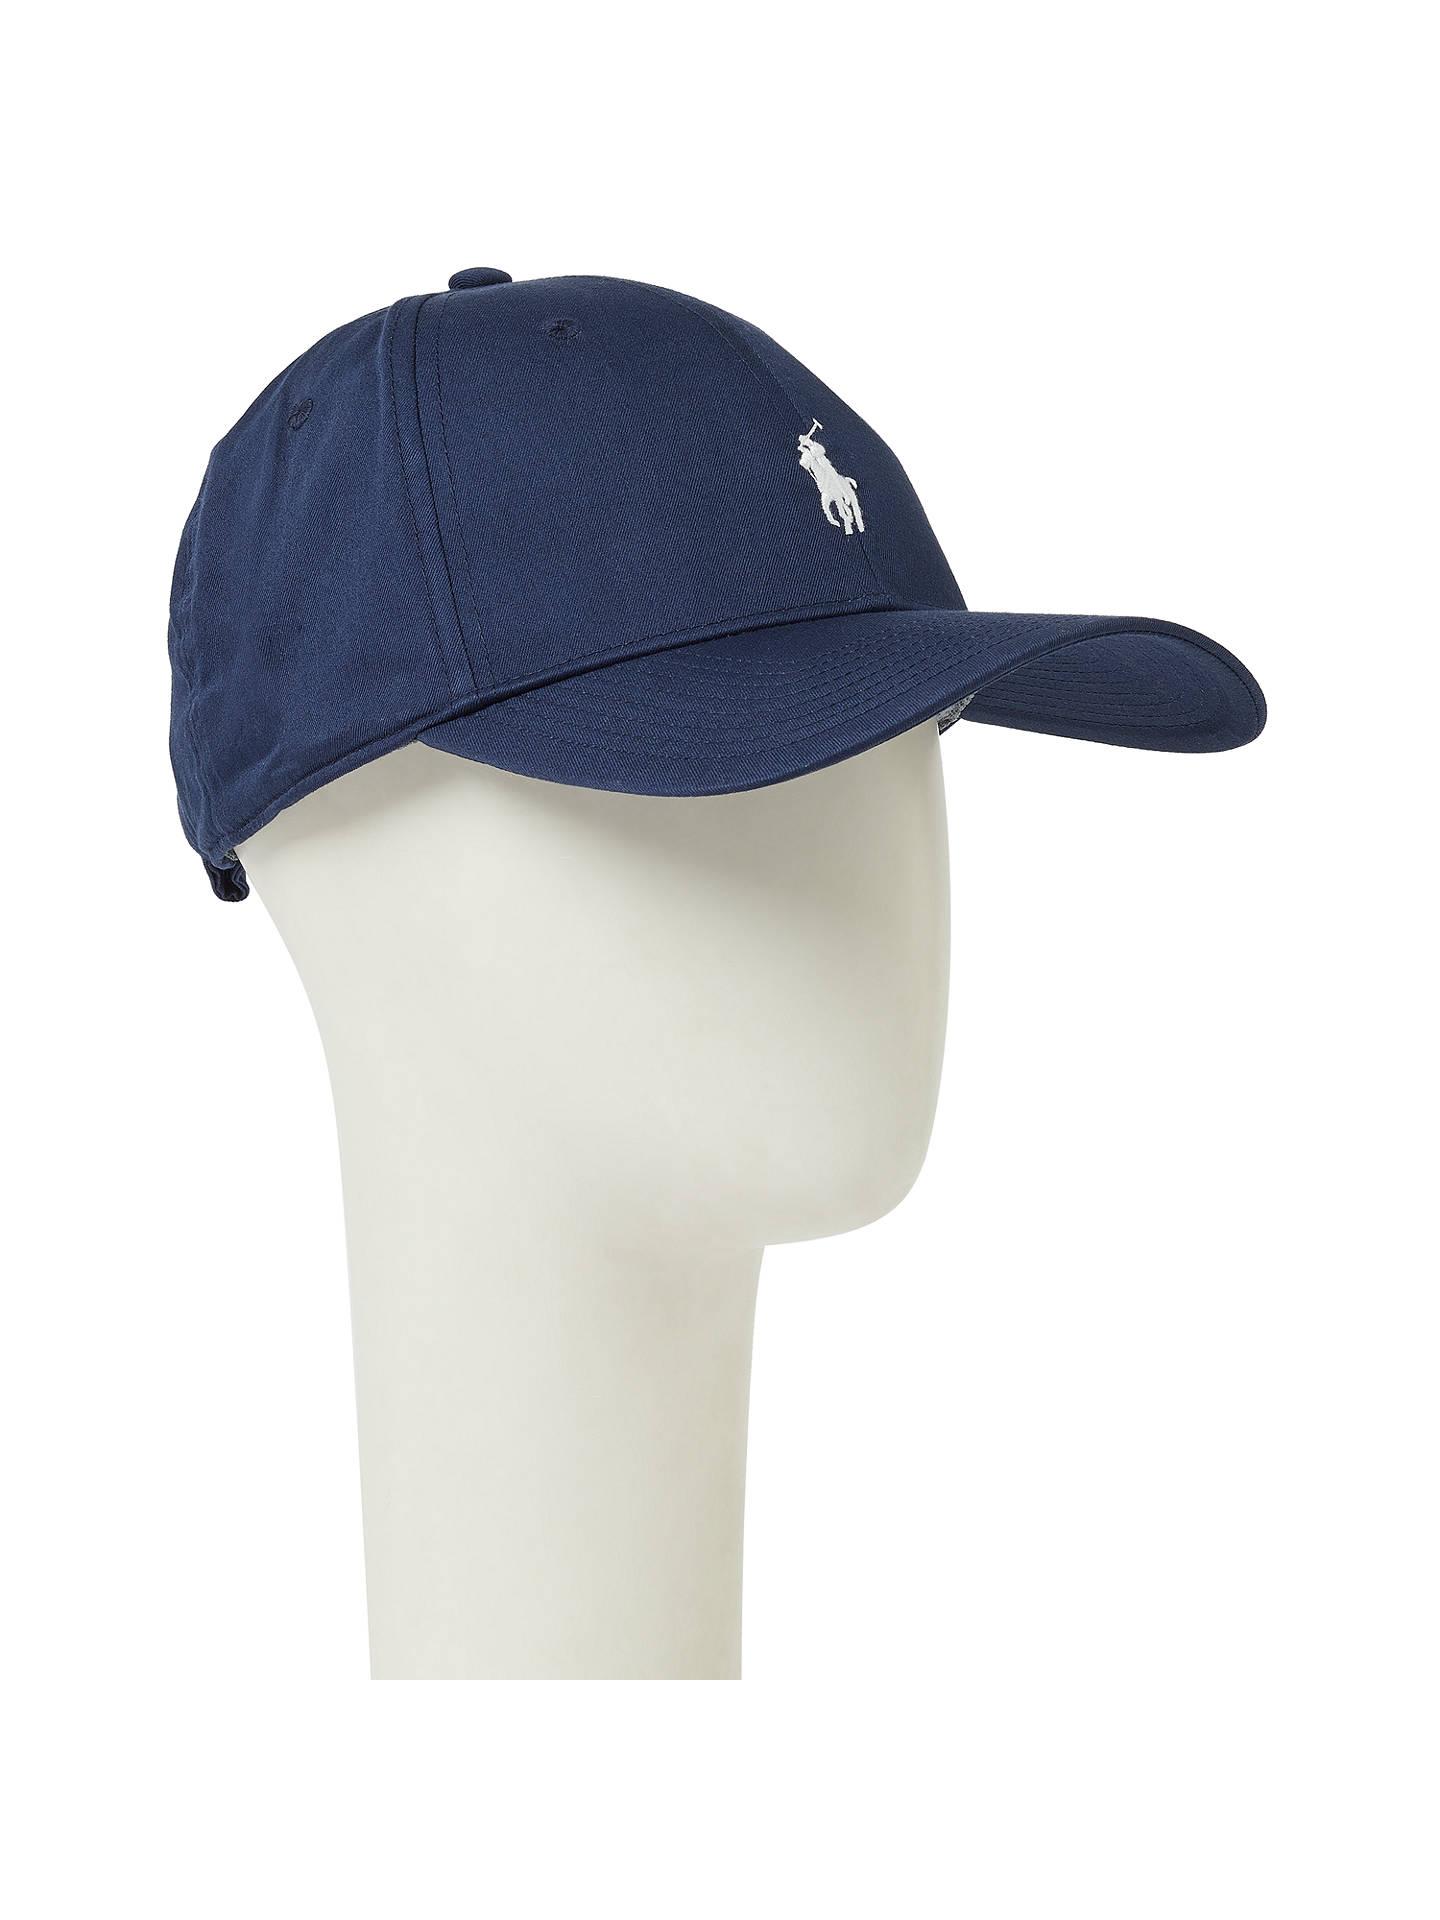 BuyPolo Golf by Ralph Lauren Fairway Cap 8c678b9119b